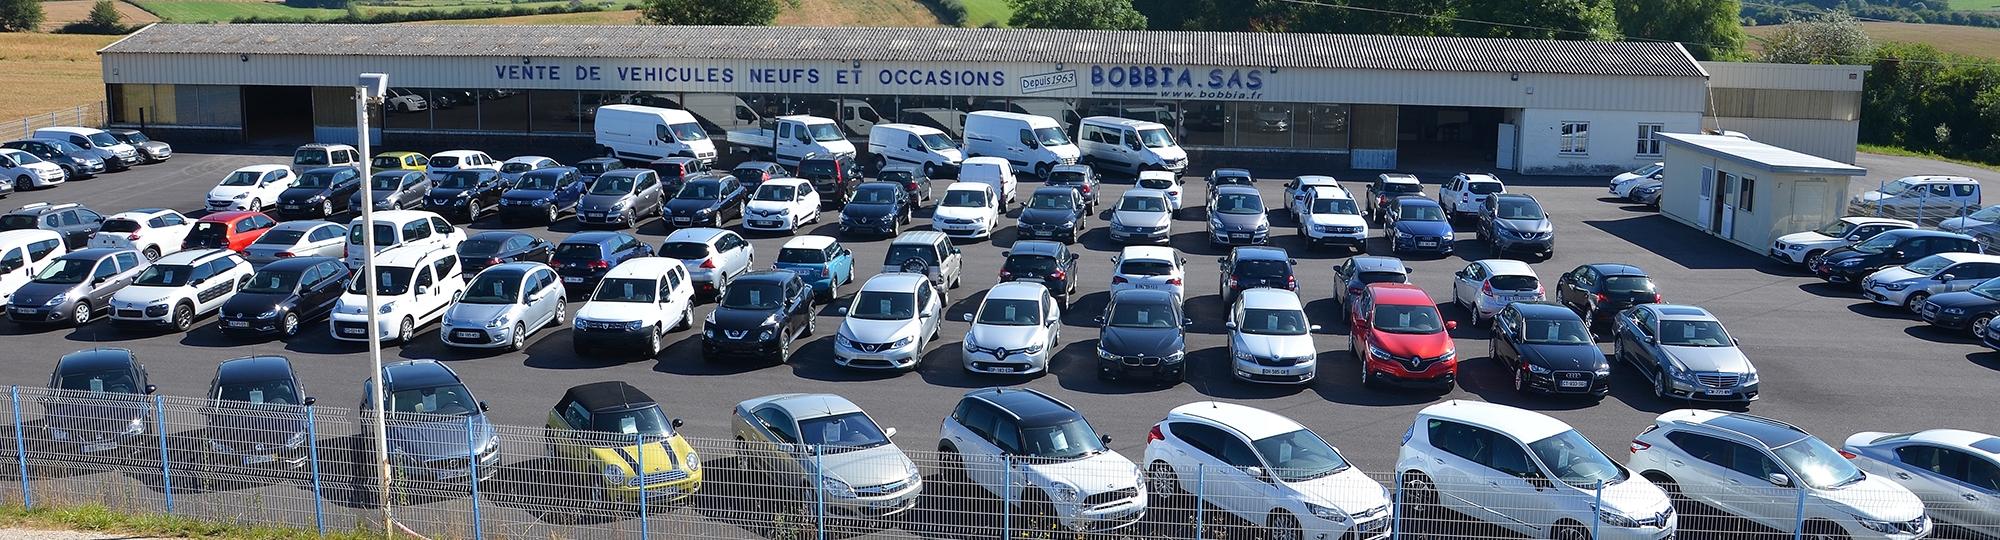 Bobbia sas vente de voiture d 39 occasion vauvillers for Garage vente voiture occasion bouches du rhone